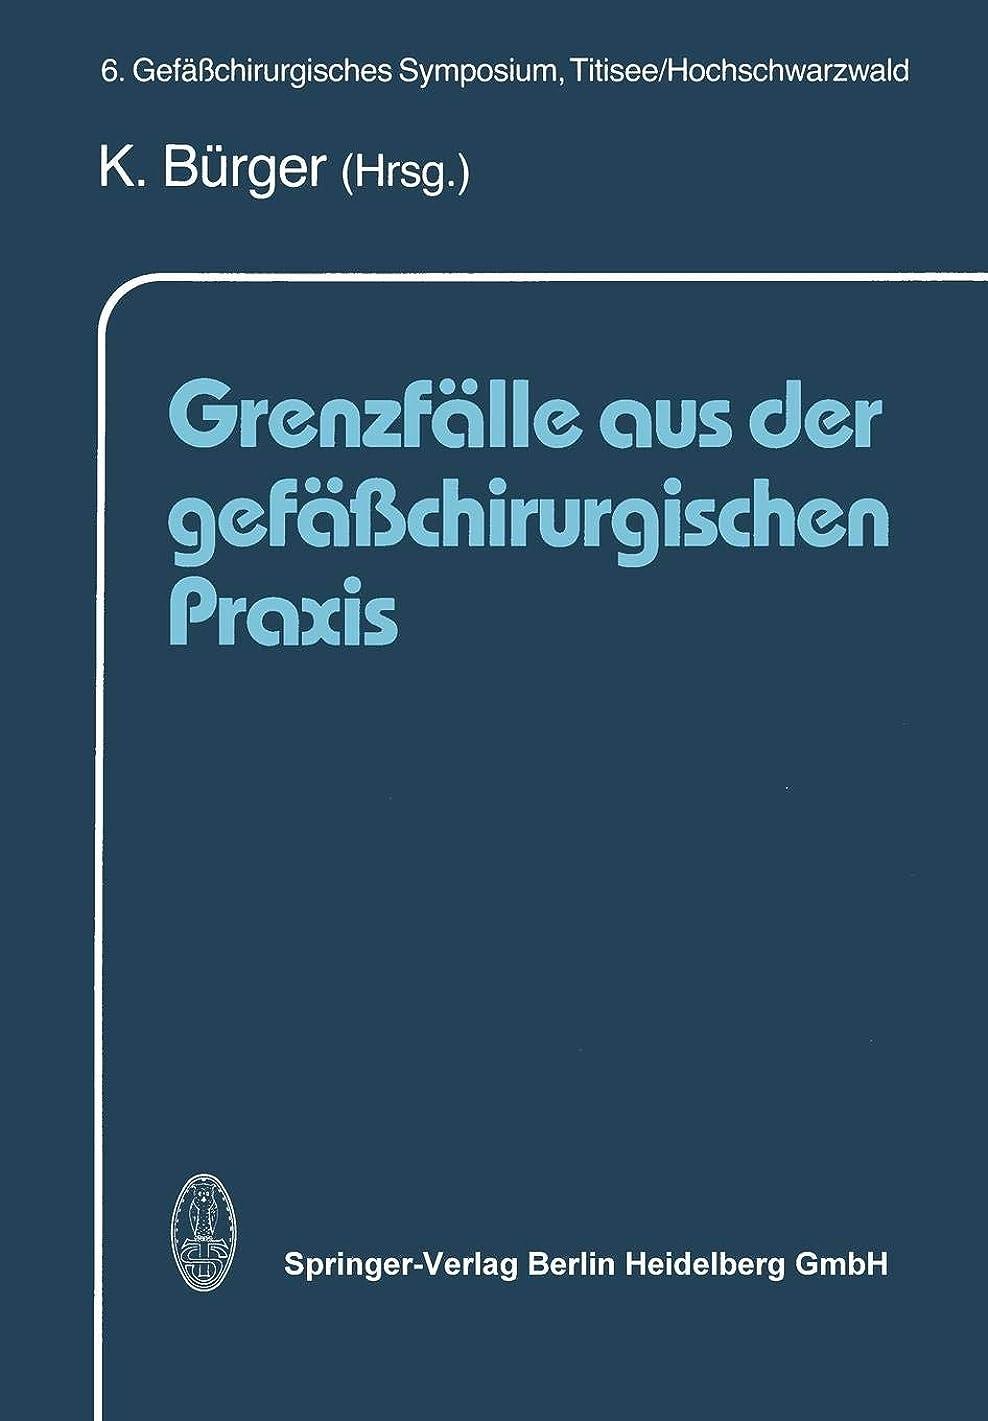 Grenzf?lle aus der gef??chirurgischen Praxis (German Edition)